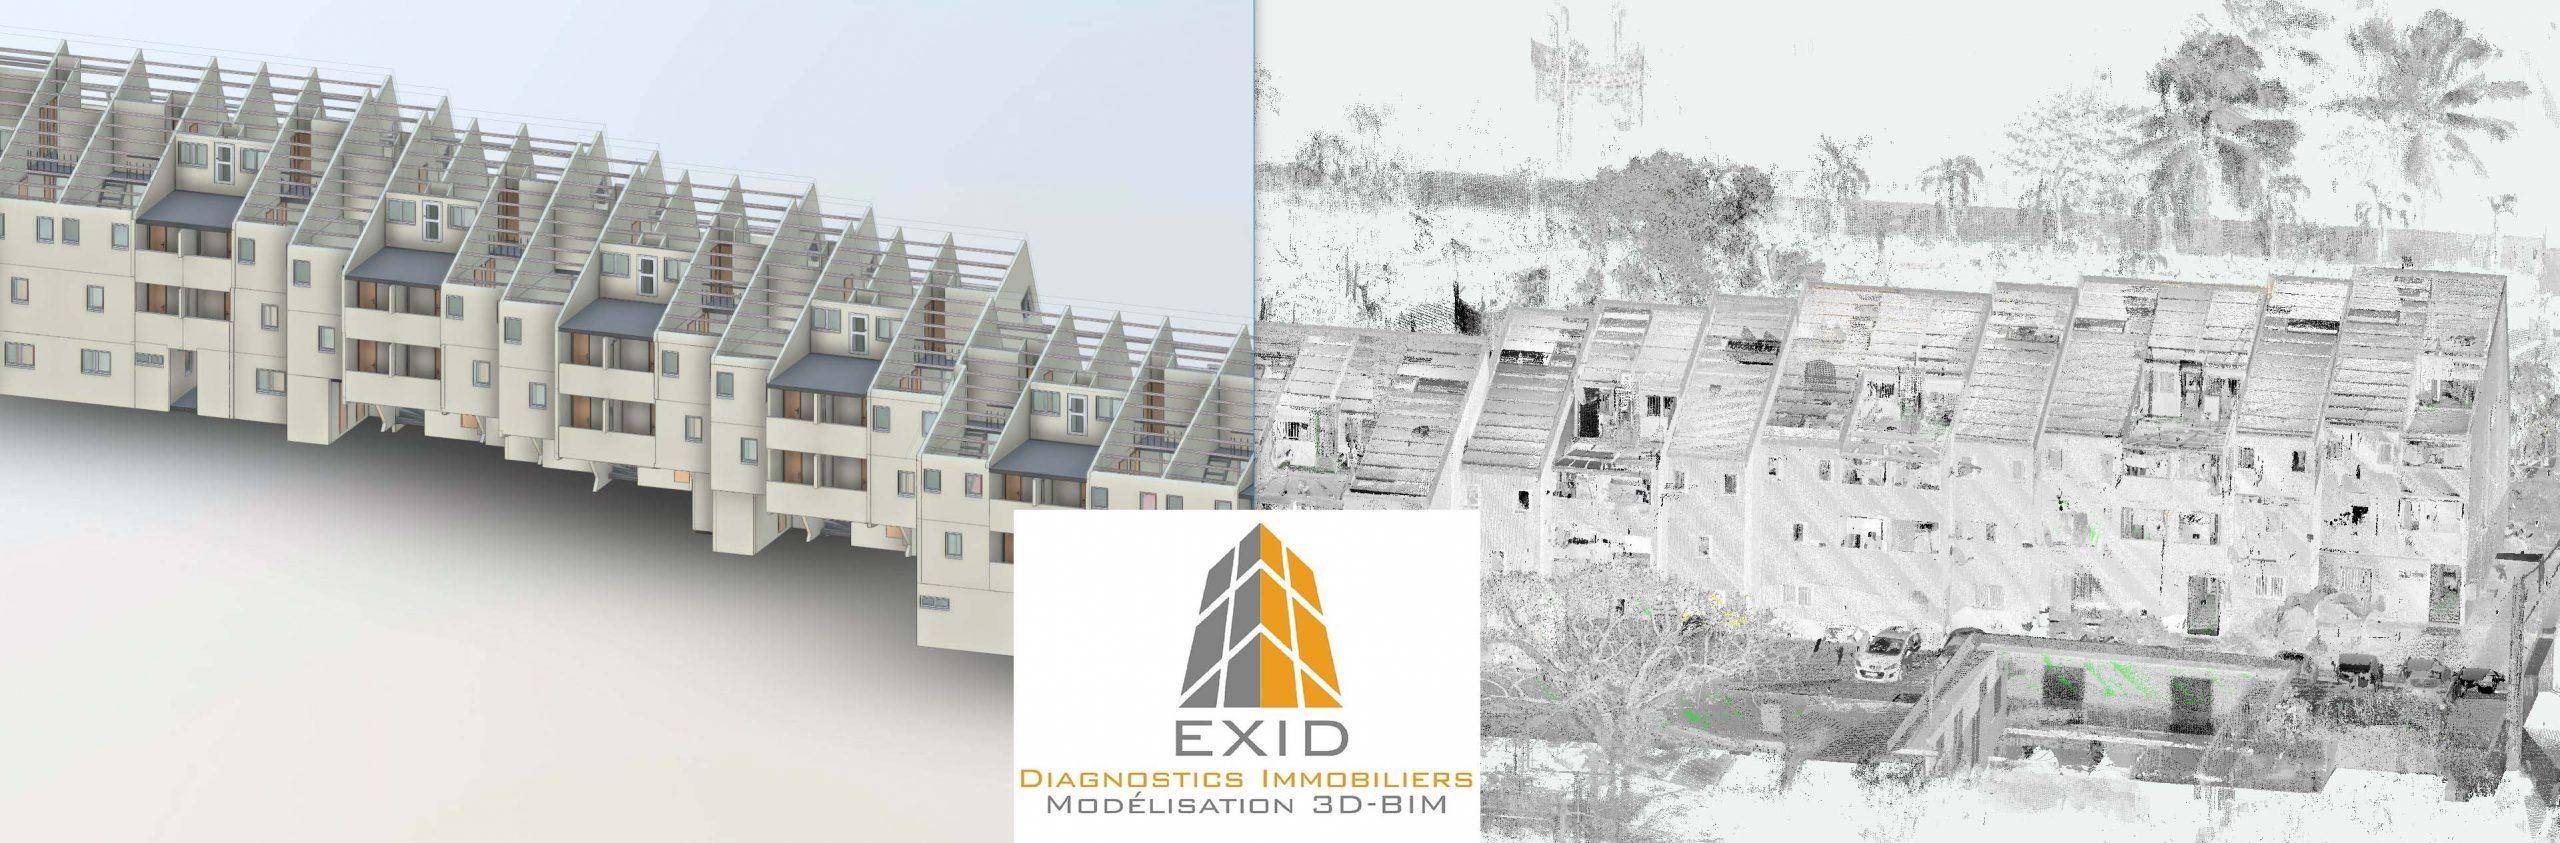 Modélisation 3D de bâtiment existant - Exid Diagnostic